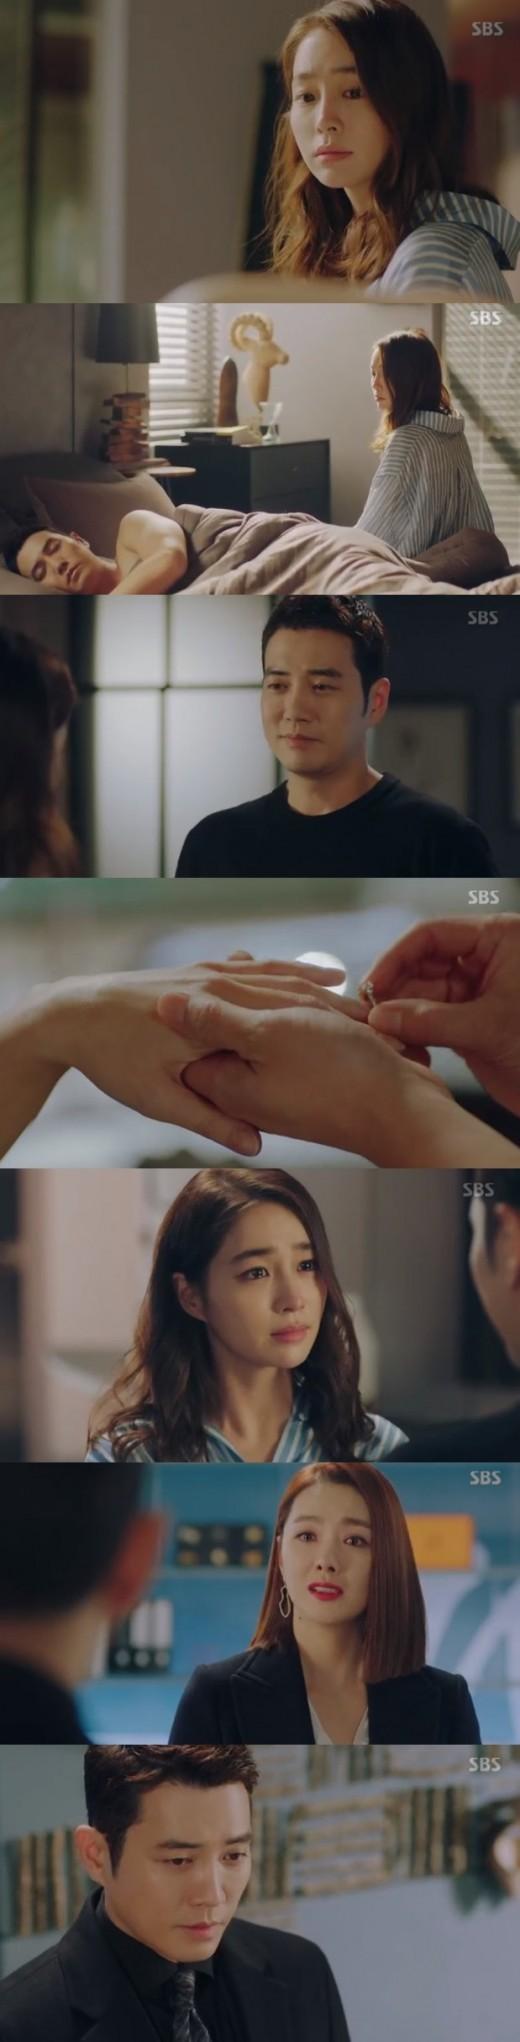 '운명과분노' 이민정X주상욱, 하룻밤+청혼까지 '소이현 앙심 품었다' _이미지